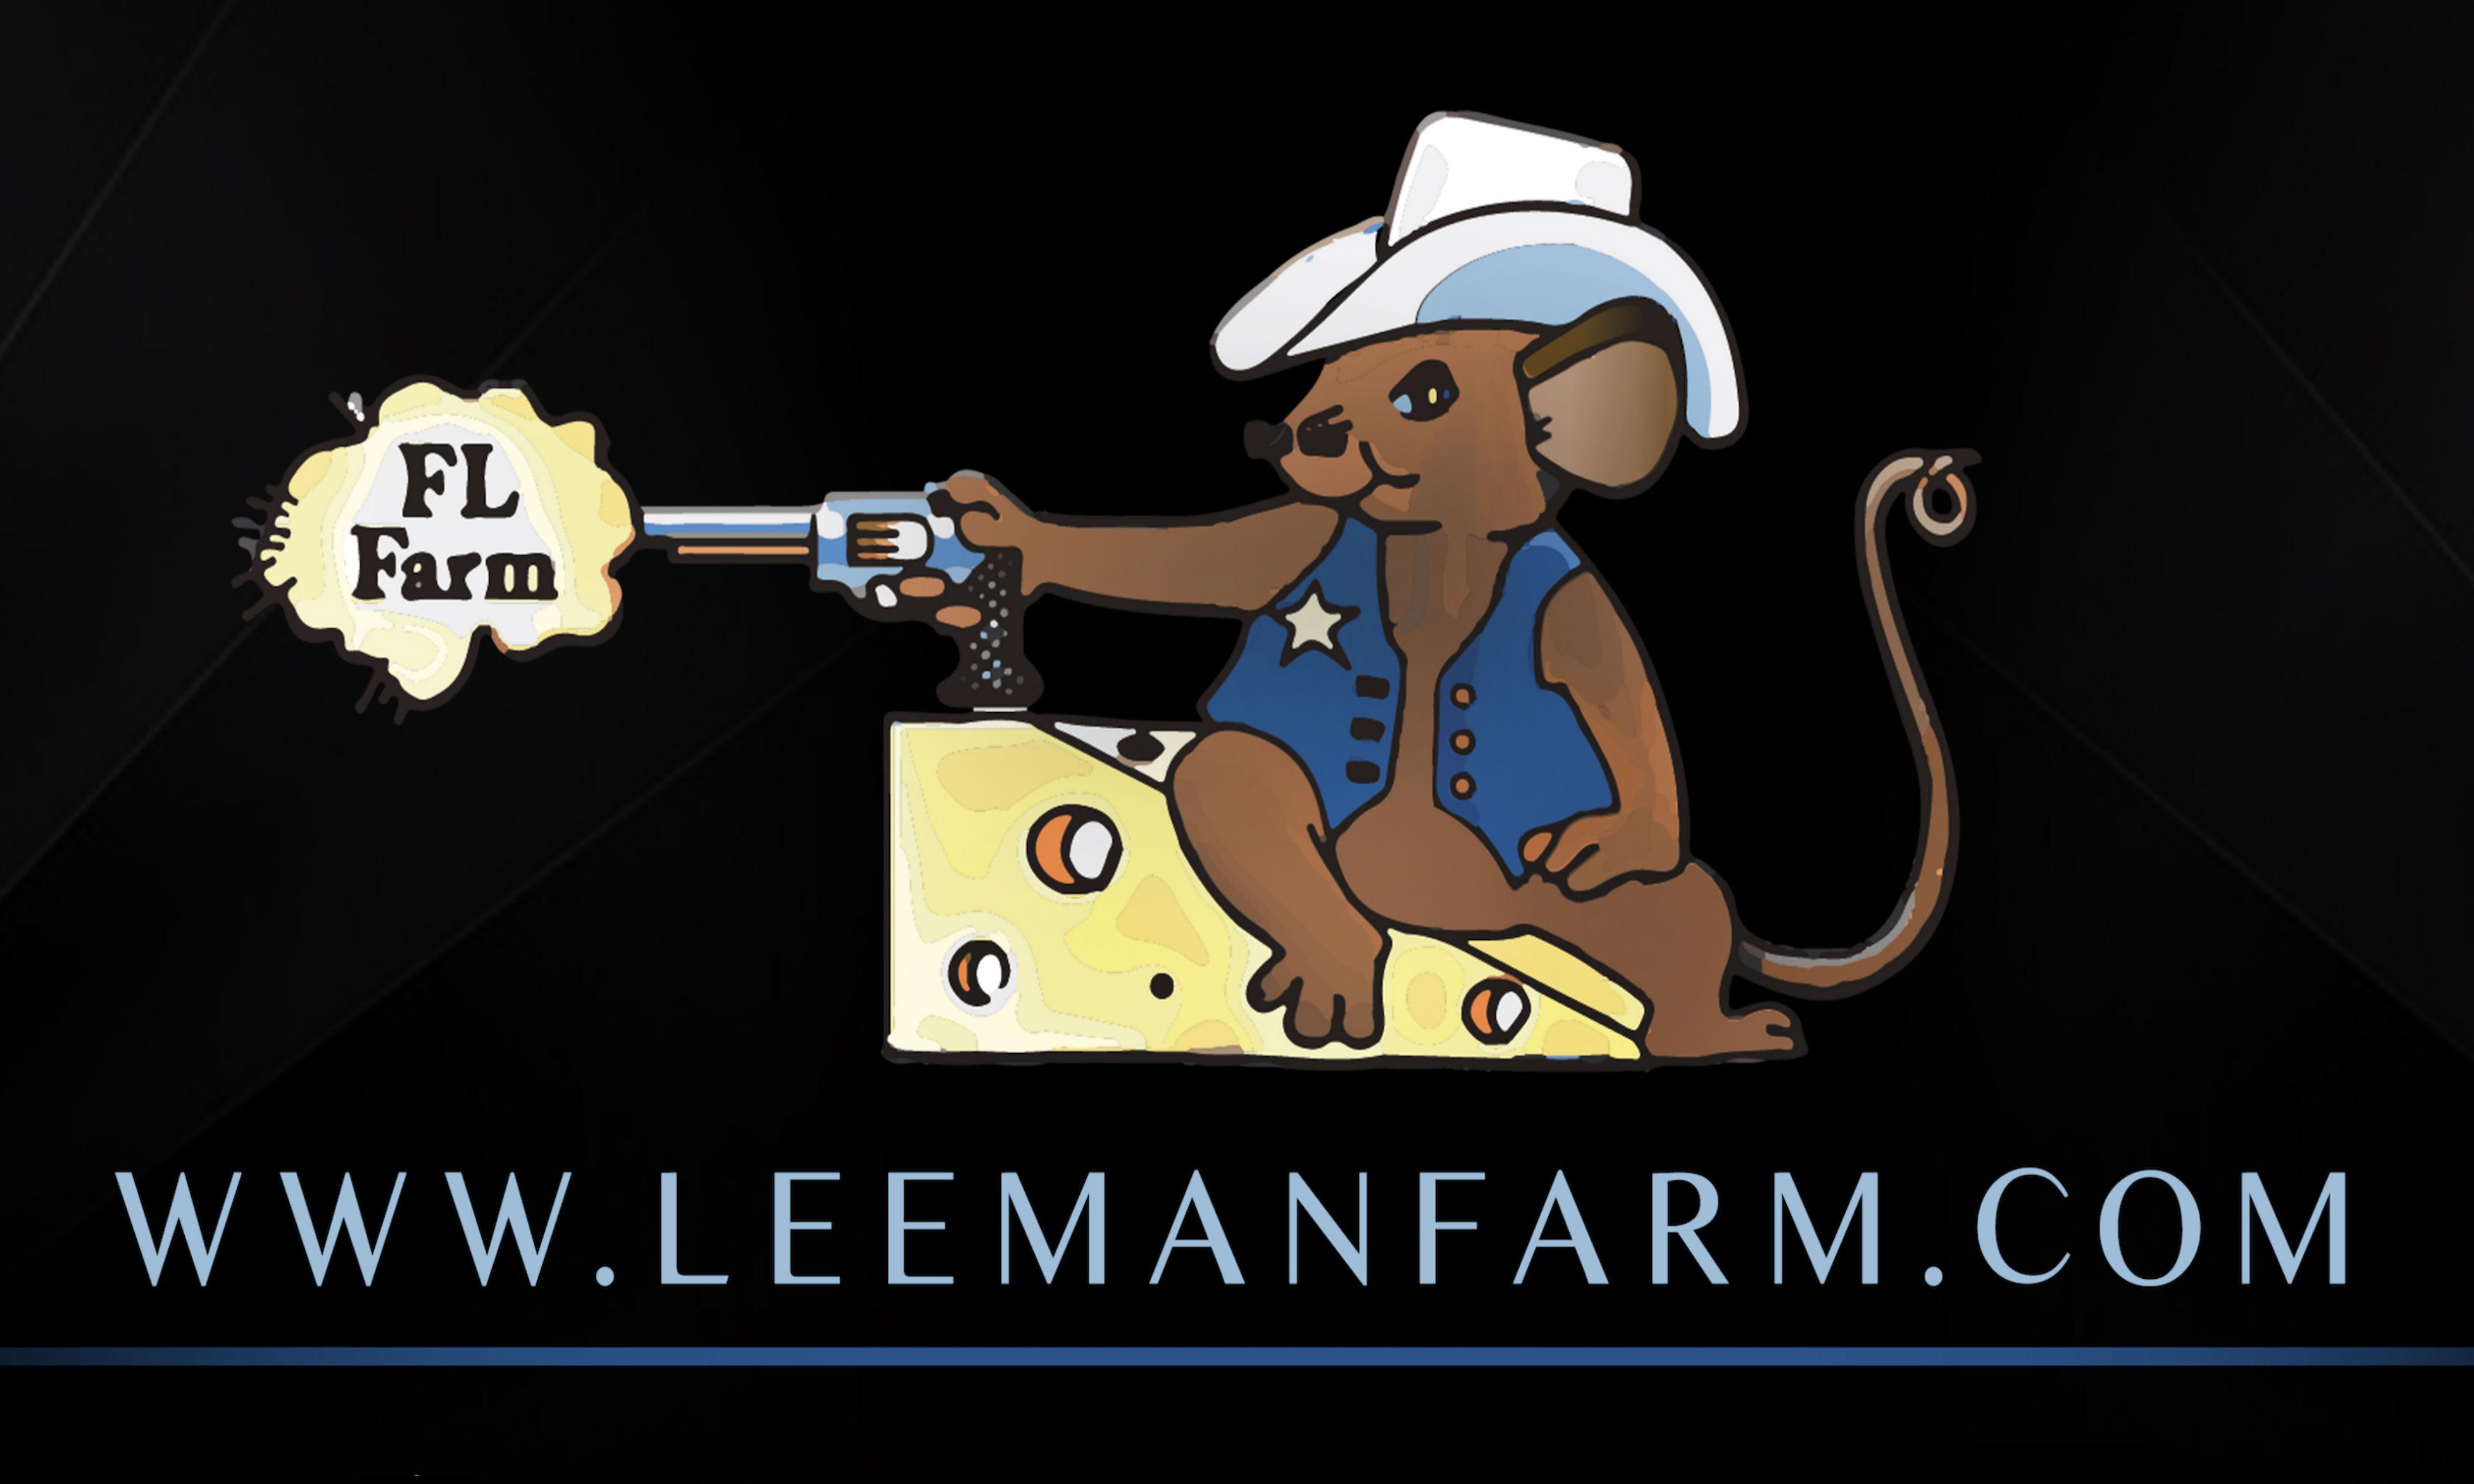 LeemanFarm 3x5 Banner